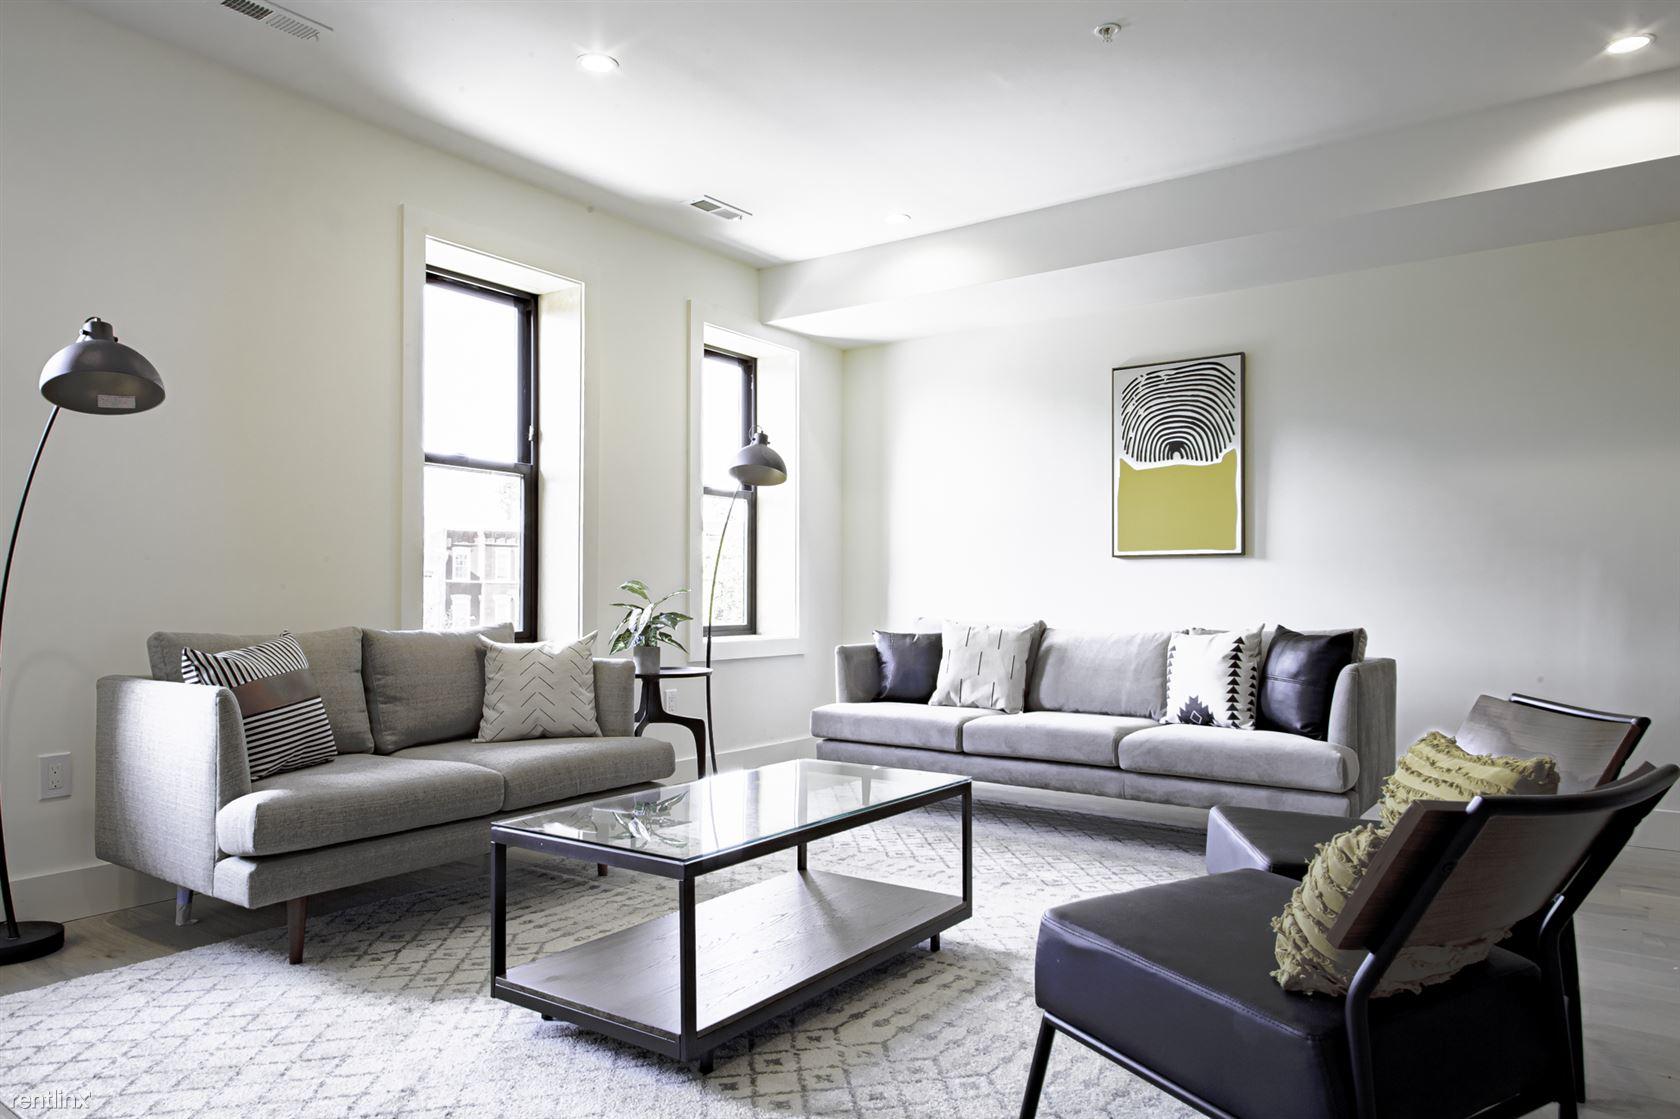 28 New York Avenue Northwest, Washington, DC - $6,950